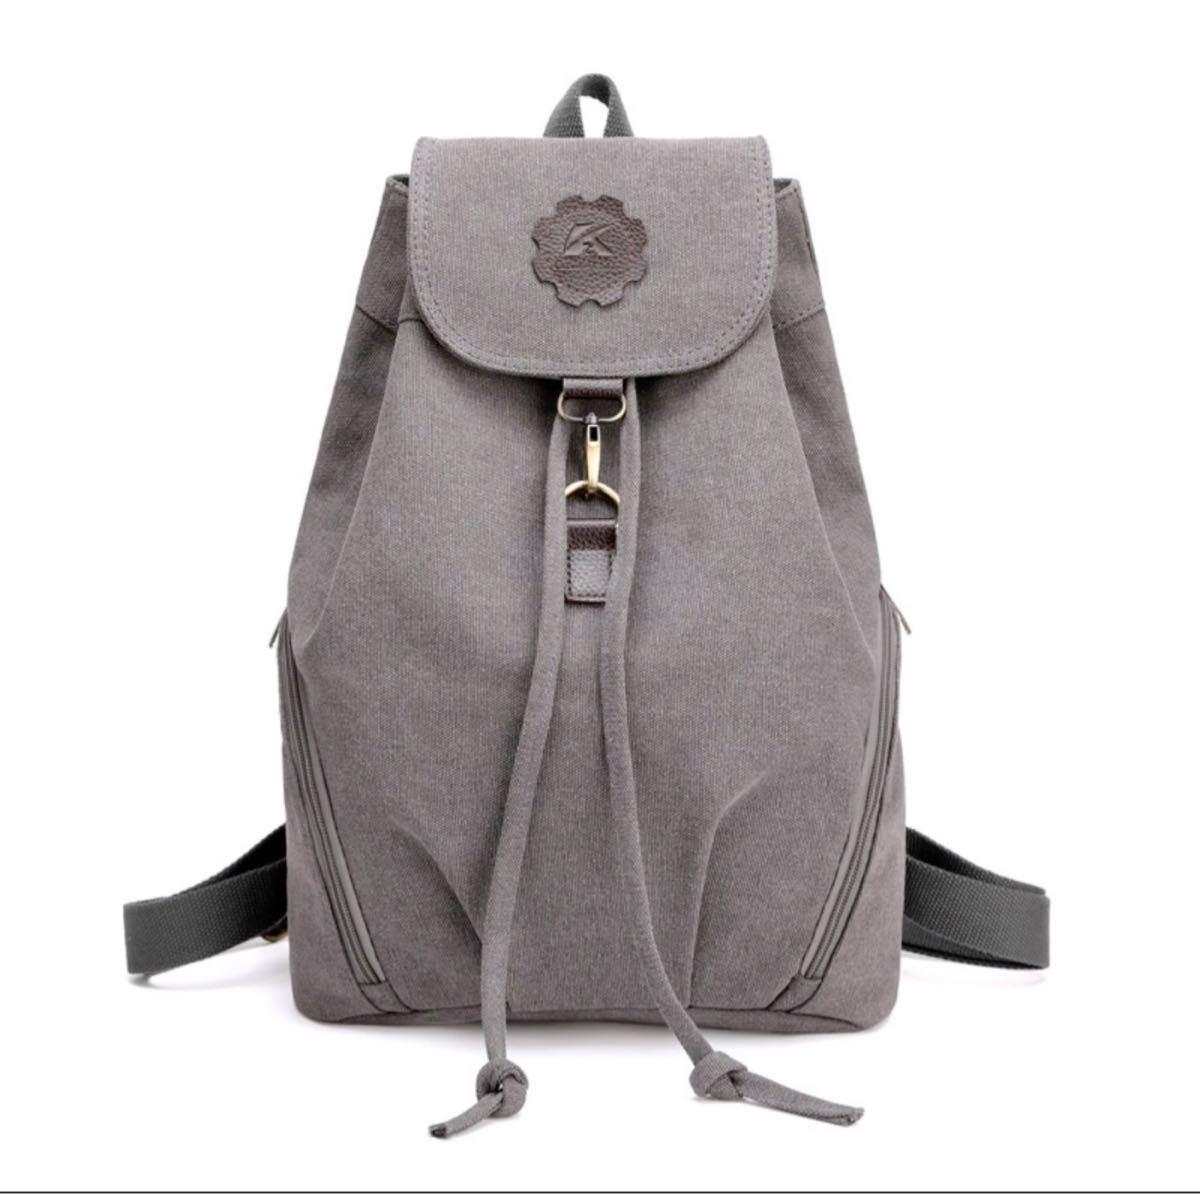 リュックサック レディースバッグ メンズバッグ 旅行用バッグ 通勤 通学 大容量 高品質 軽量 男女兼用 グレー